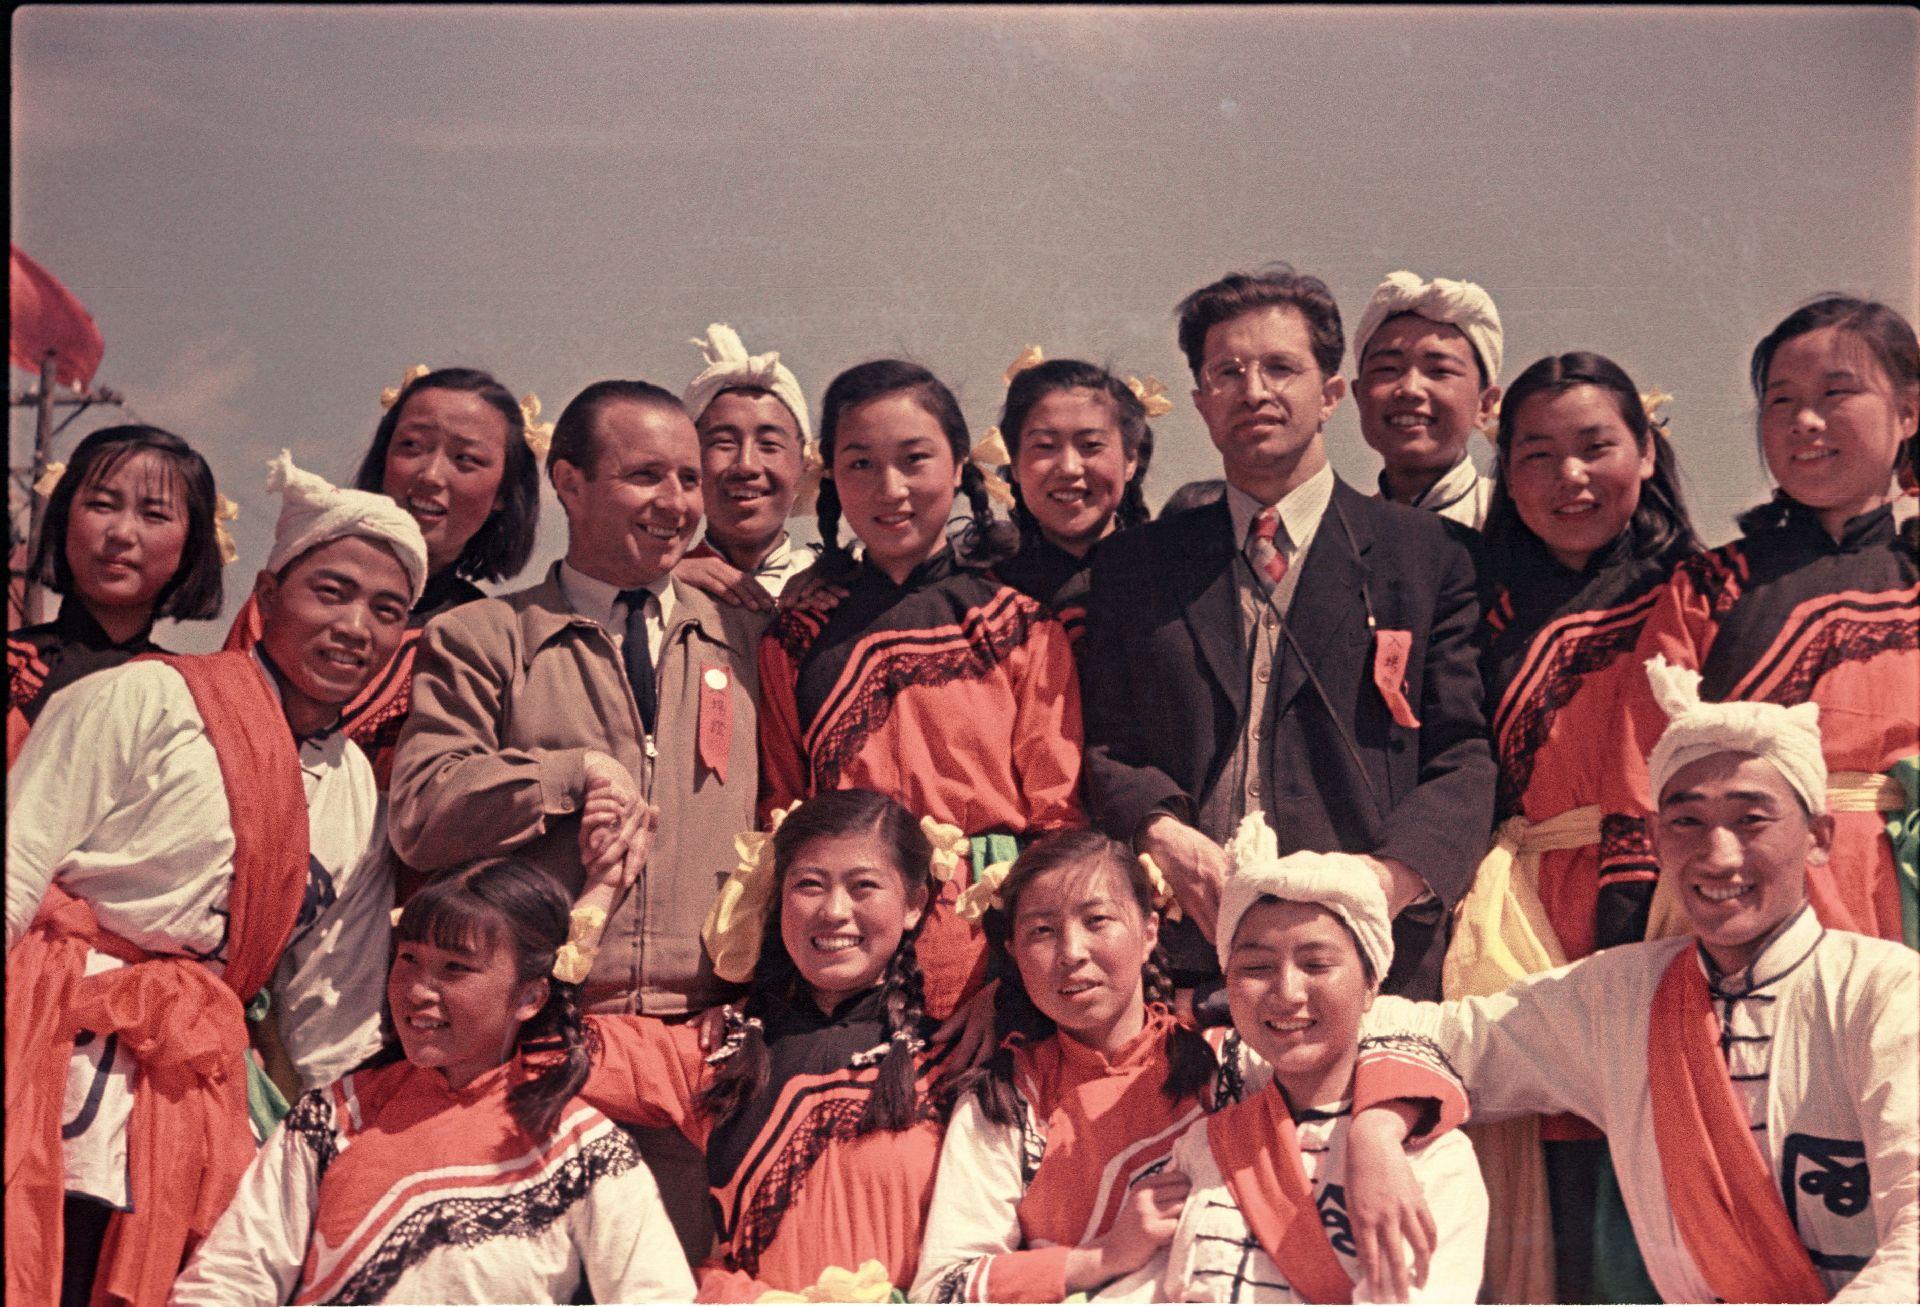 Экспонат #97. Владислав Микоша и Виталий Нестеров. Китай. 1950 год